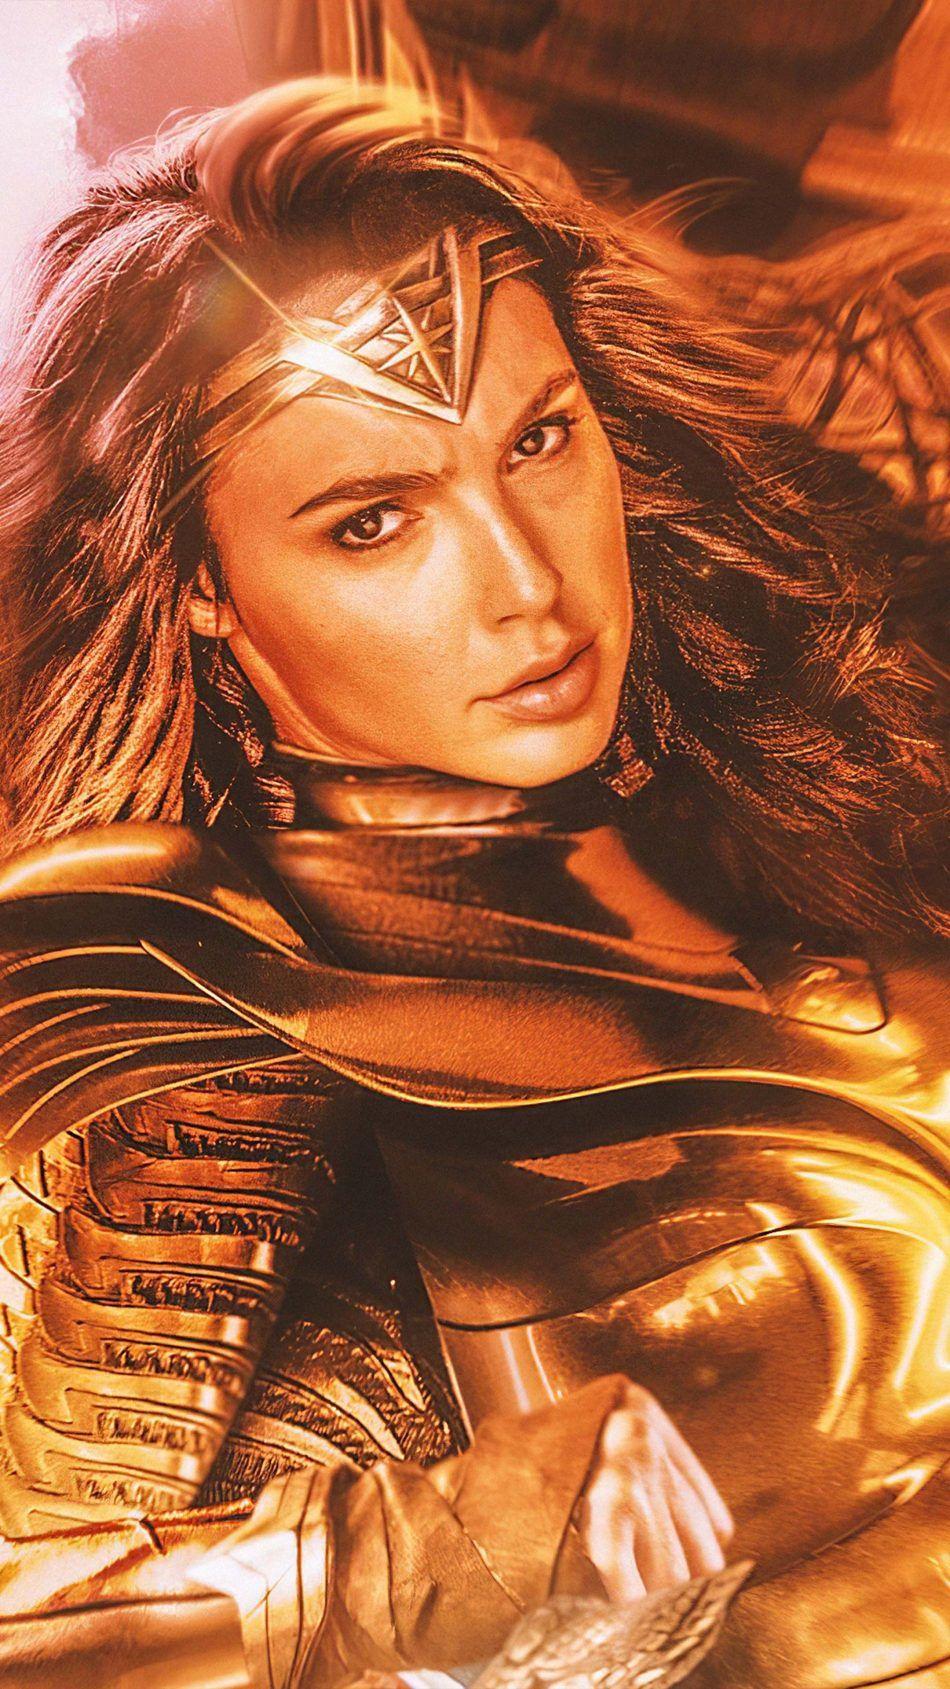 Gal Gadot Wonder Woman 1984 Movie 4k Ultra Hd Mobile Wallpaper Gal Gadot Wonder Woman Wonder Woman Art Wonder Woman Pictures Wonder woman gal gadot ultra hd